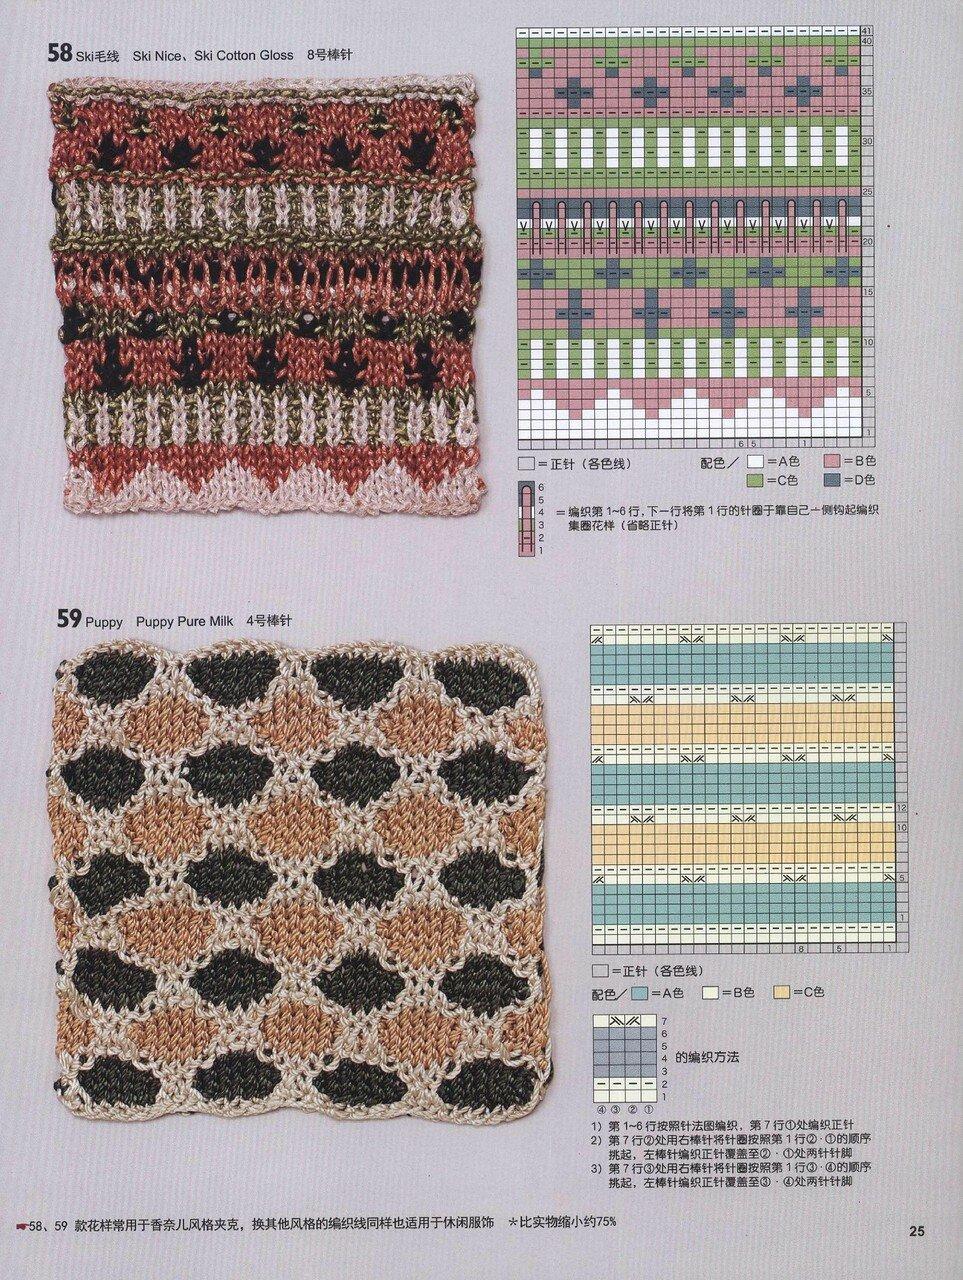 150 Knitting_27.jpg